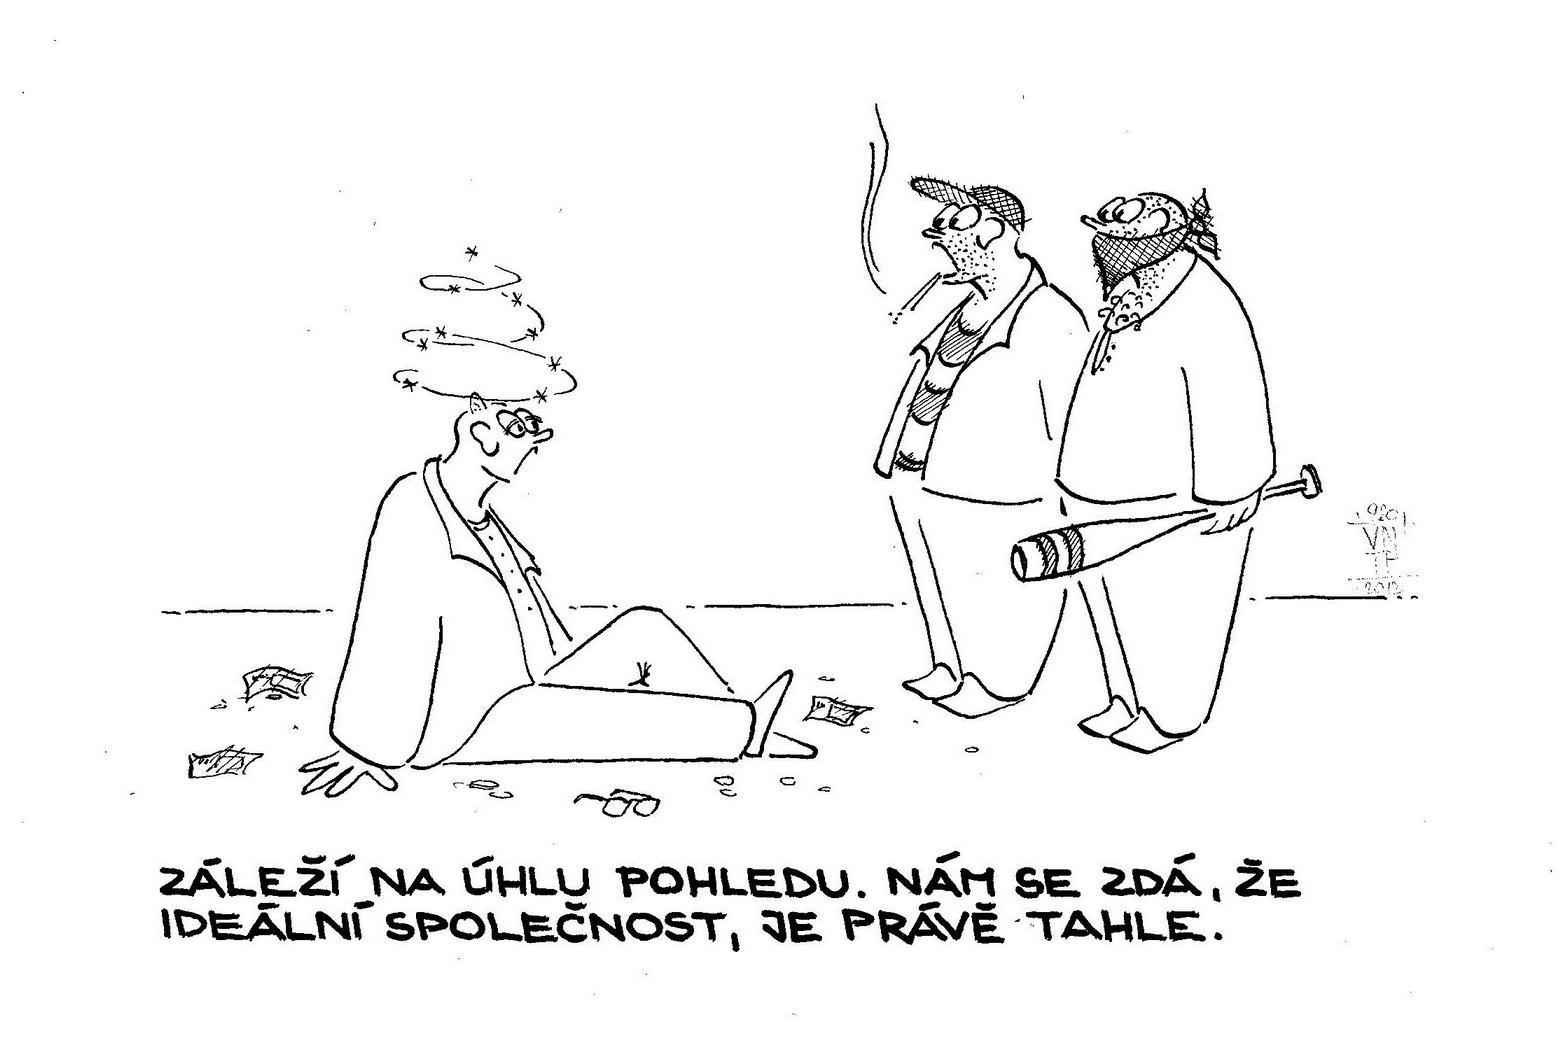 Václav novák 920 kreslený humor záleží na úhlu pohledu